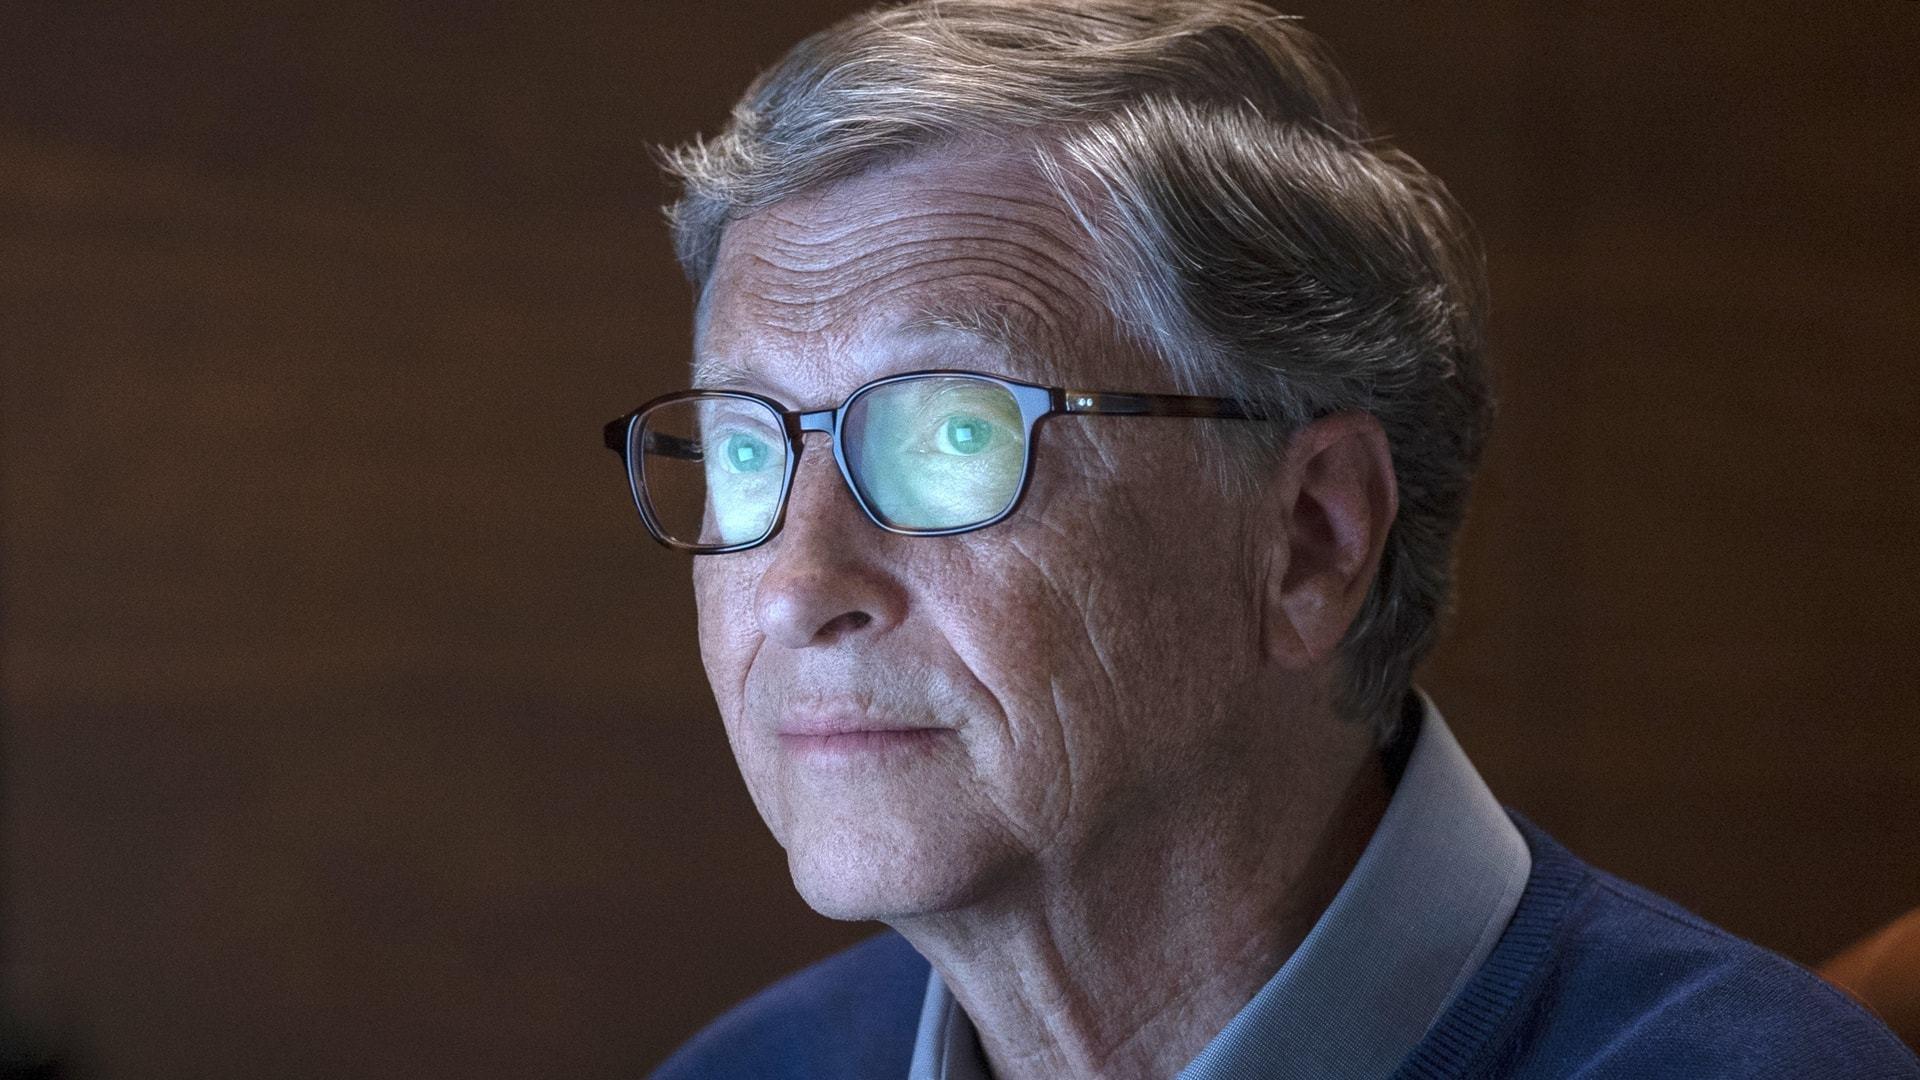 Close em Bill Gates de óculos com uma tela refletida nas lentes.